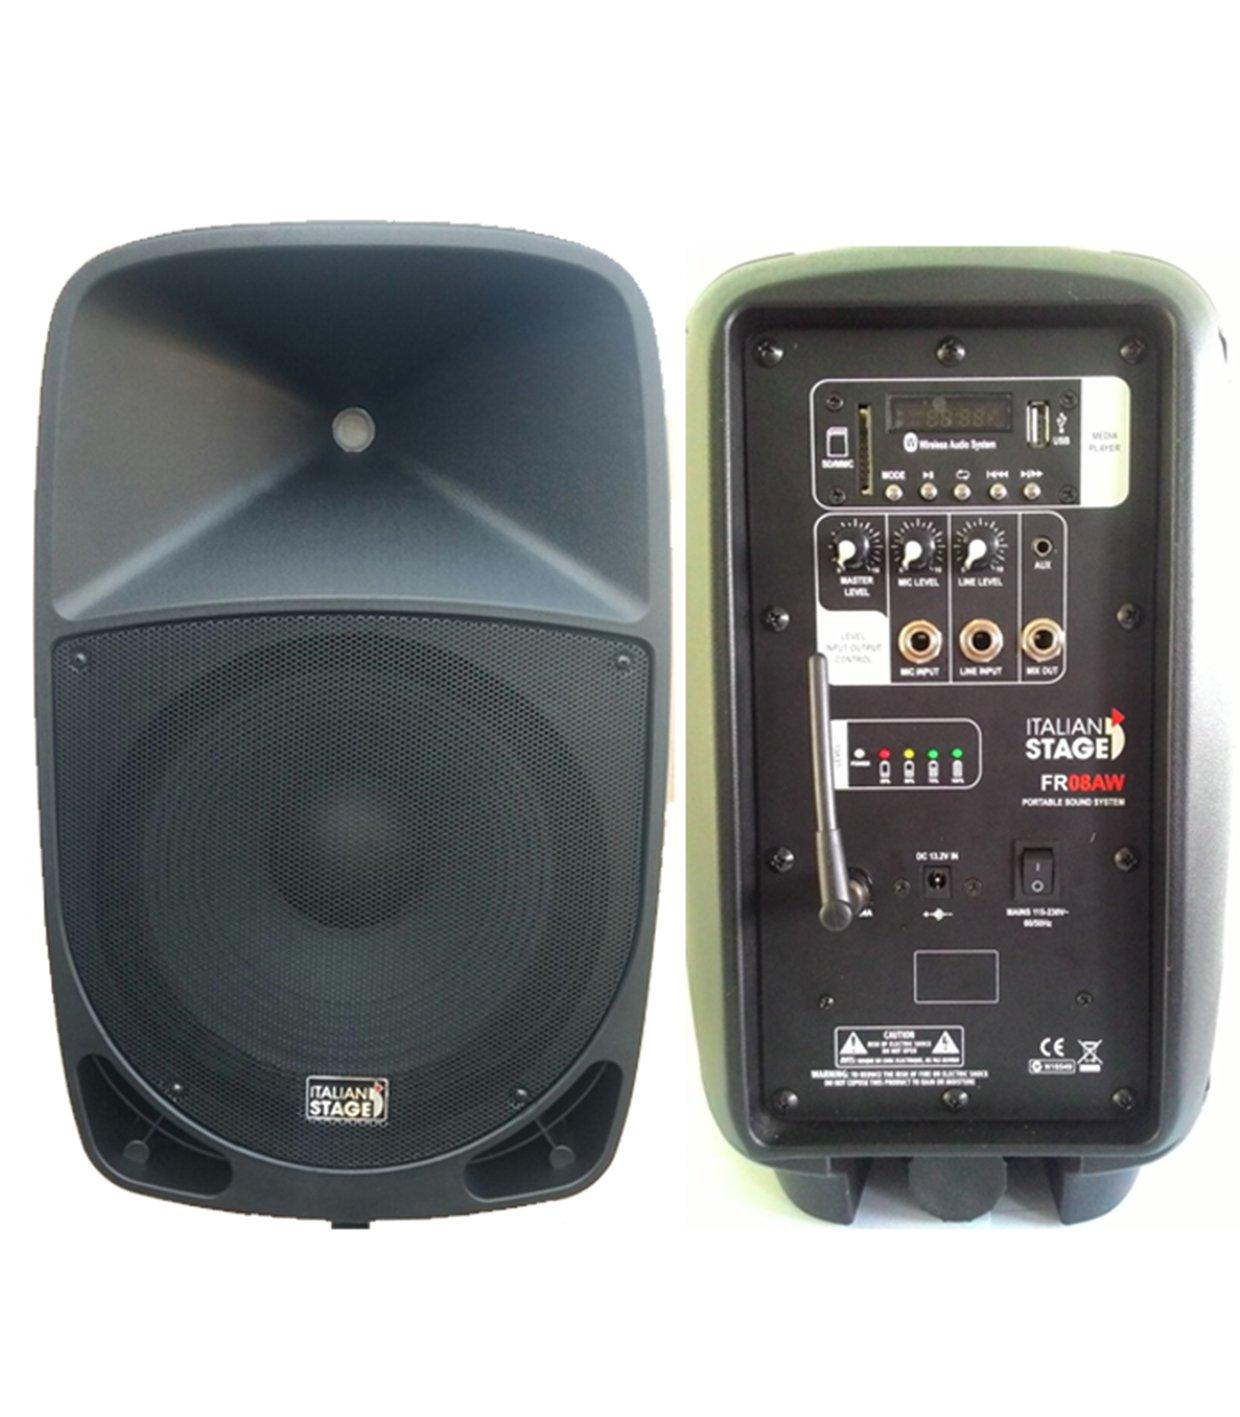 Italian Stage fr08aw by Proel–Difusor Portátil Amplificado a batería, con MP3Player, SD Card, USB y Bluetooth